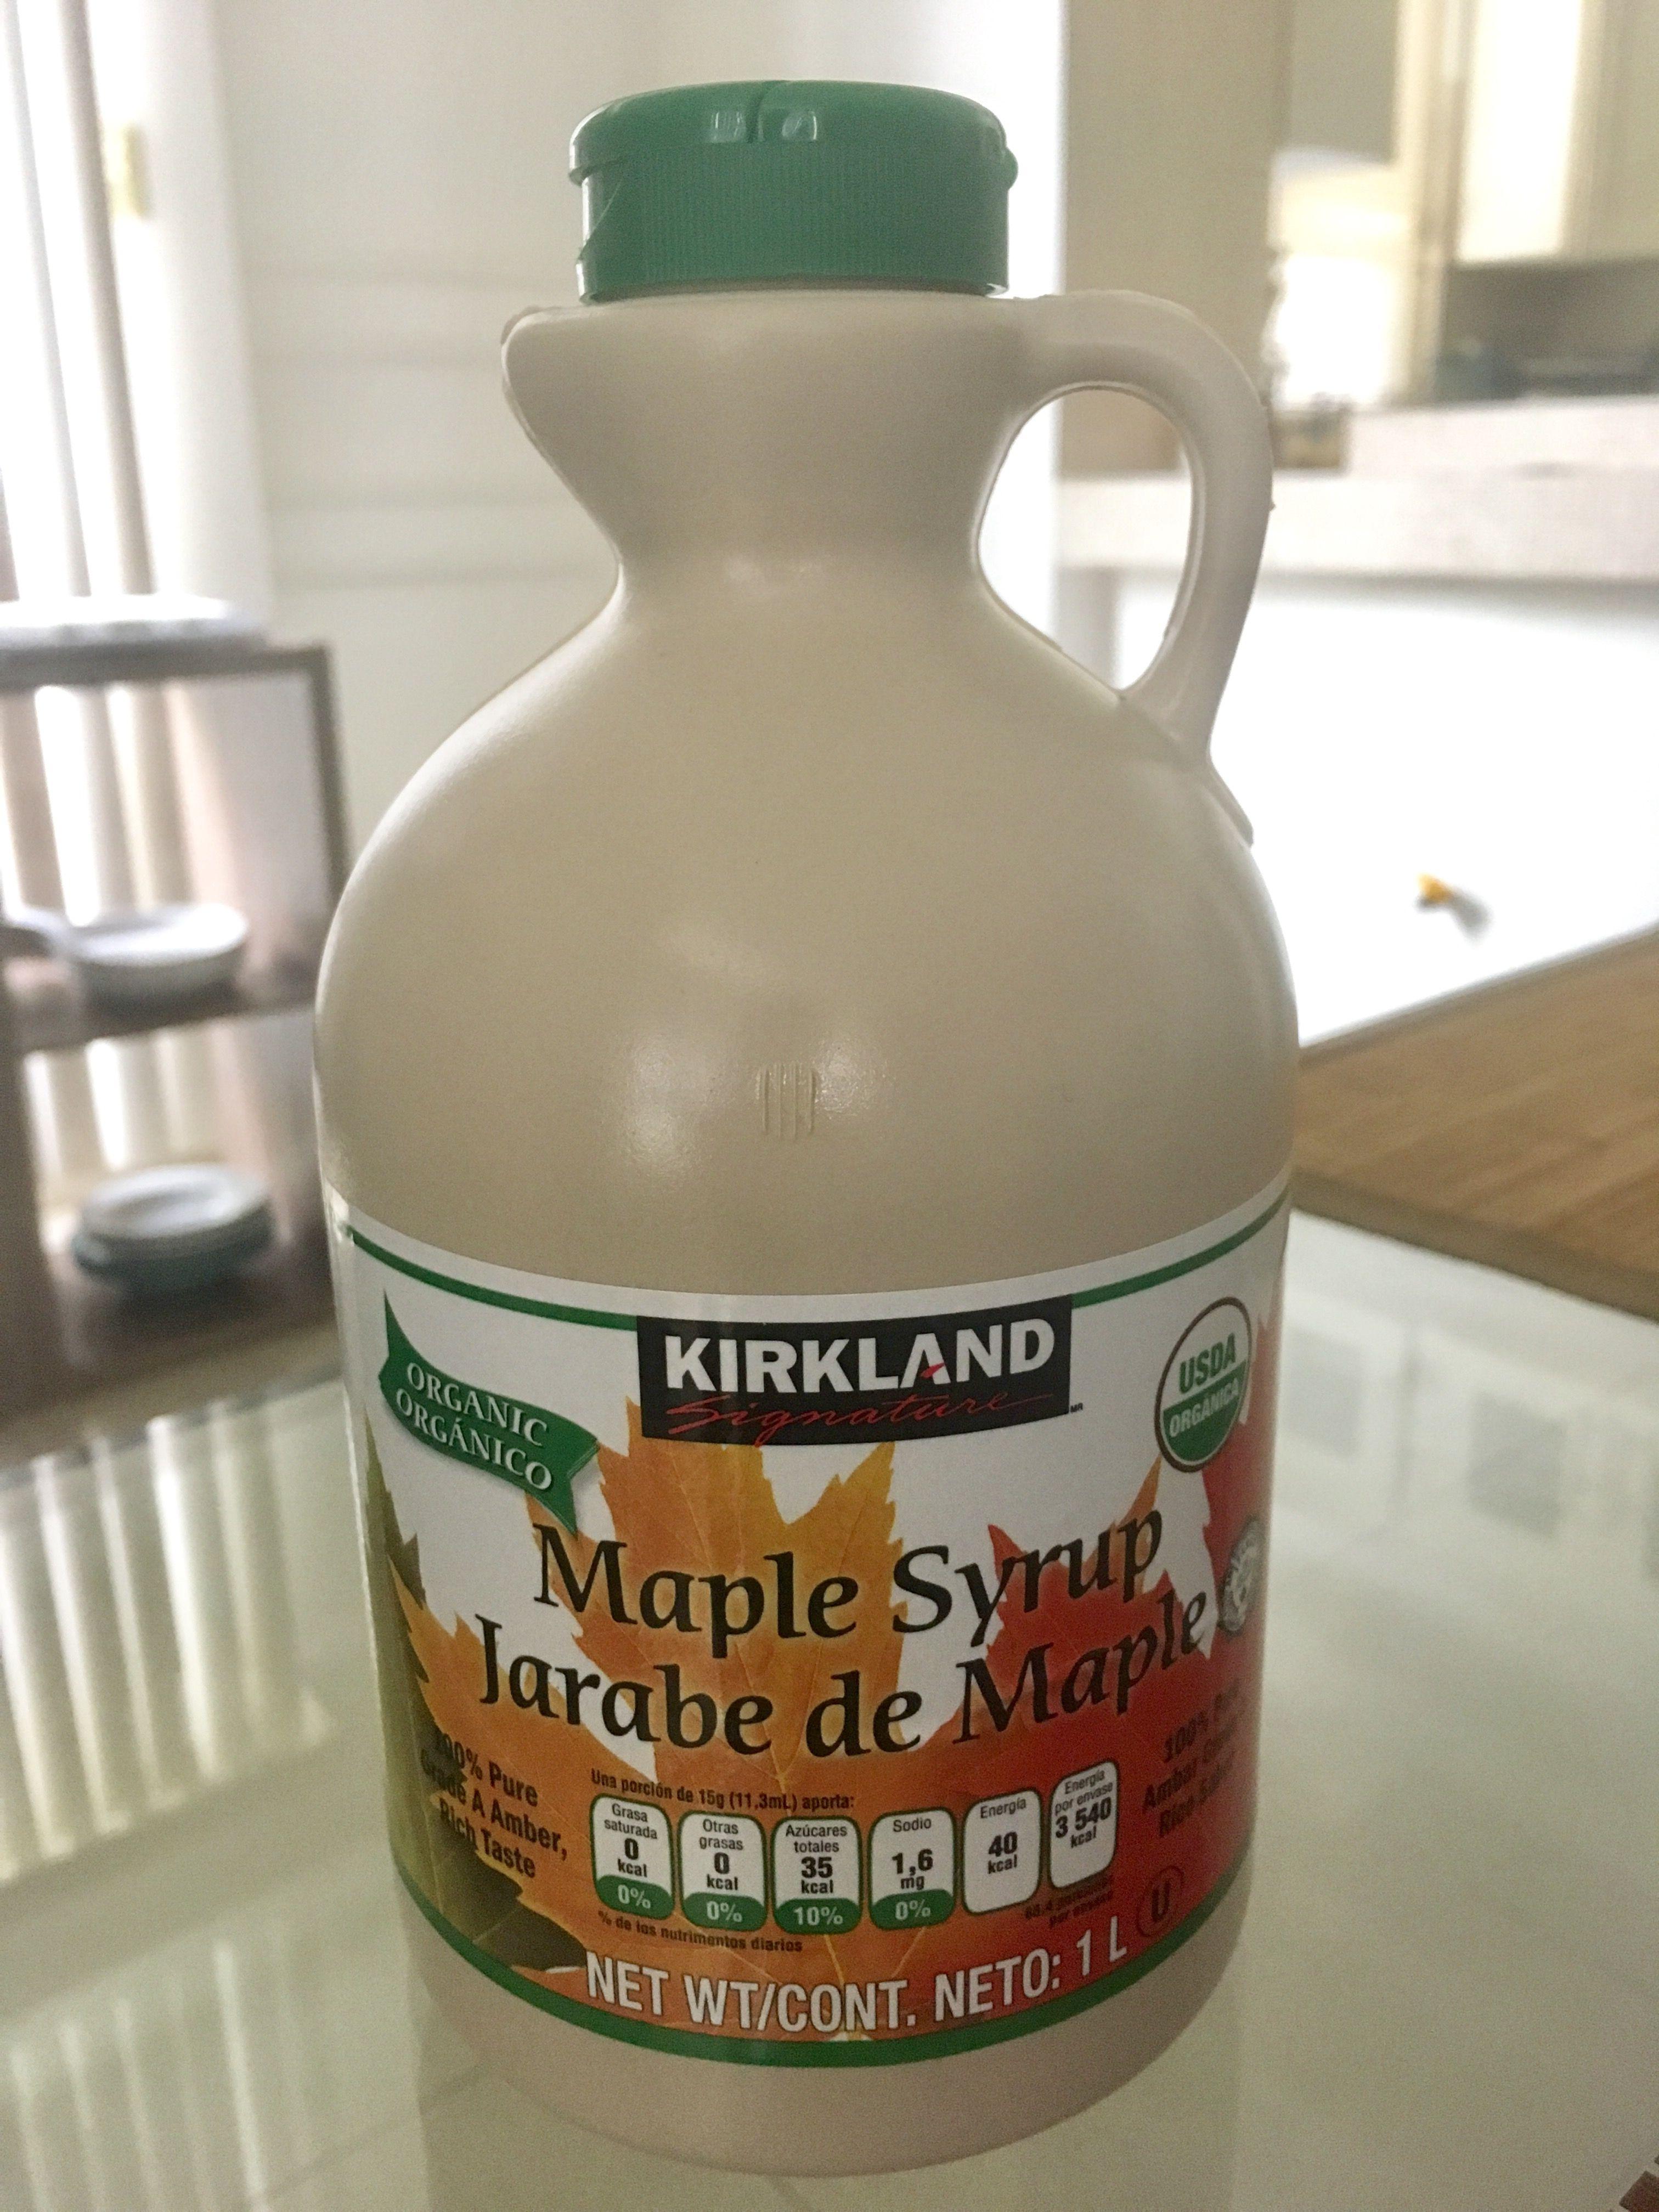 Este es el jarabe de maple orgánico que compro en Costco y uso con moderación en mi cocina. Su IG es de 54.